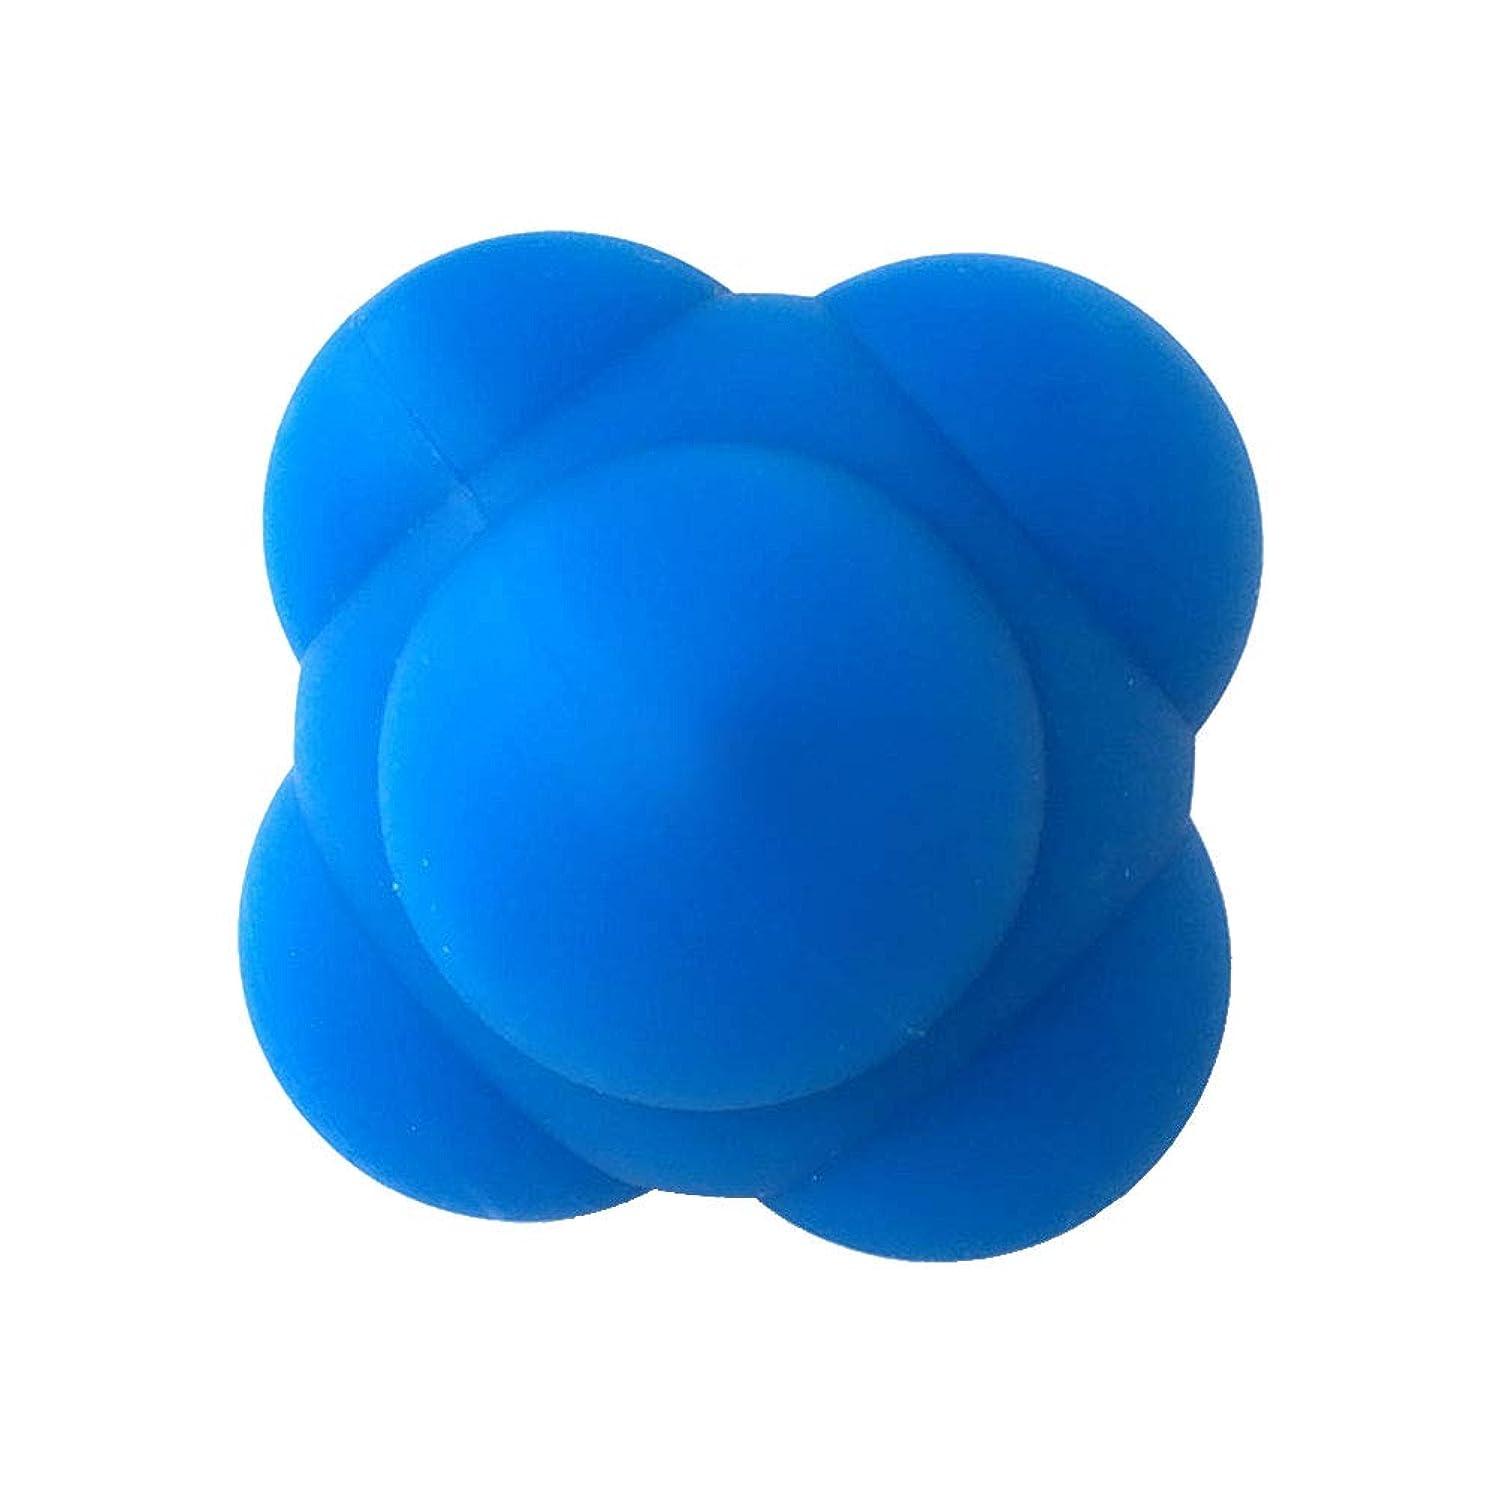 代理人アライメントリーHealifty 敏捷性とスピードのためのリアクションボールハンドアイコーディネーションブルー